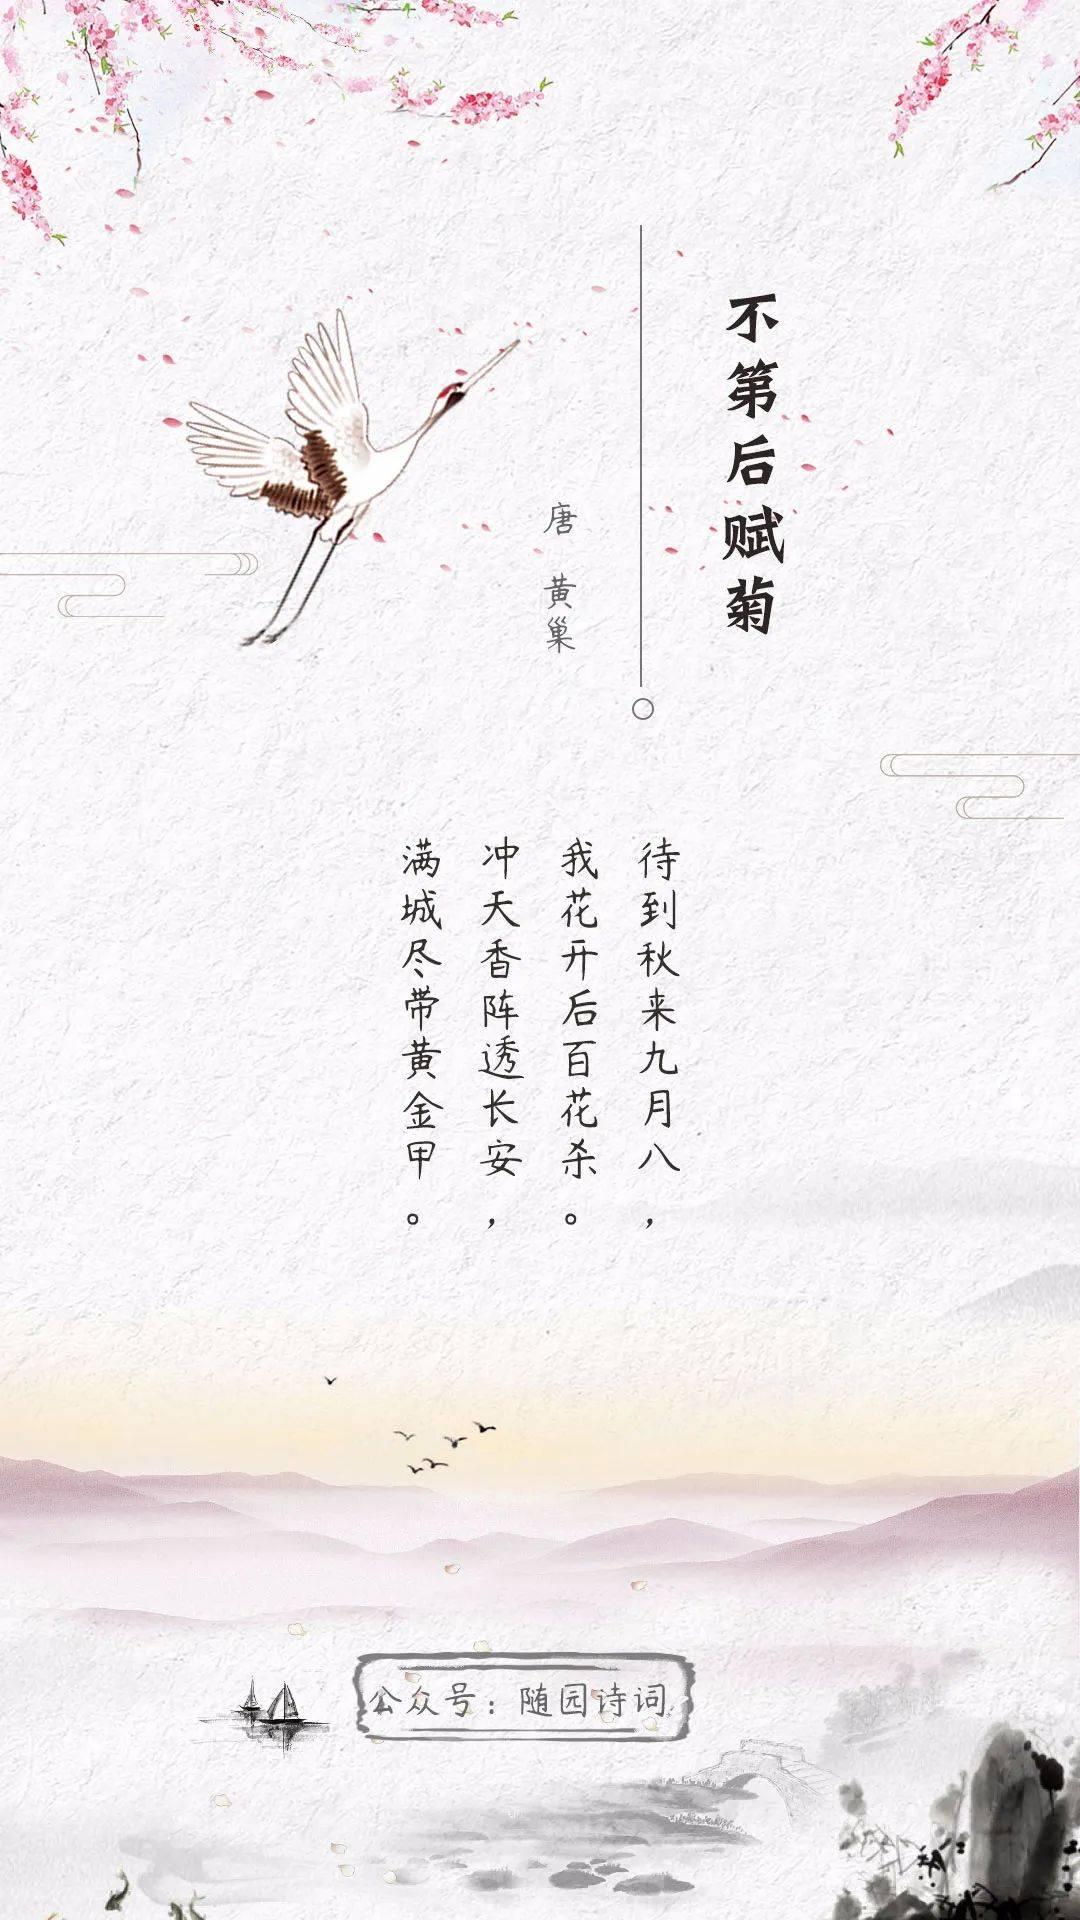 「诗词日历」黄巢:冲天香阵透长安,满城尽带黄金甲。